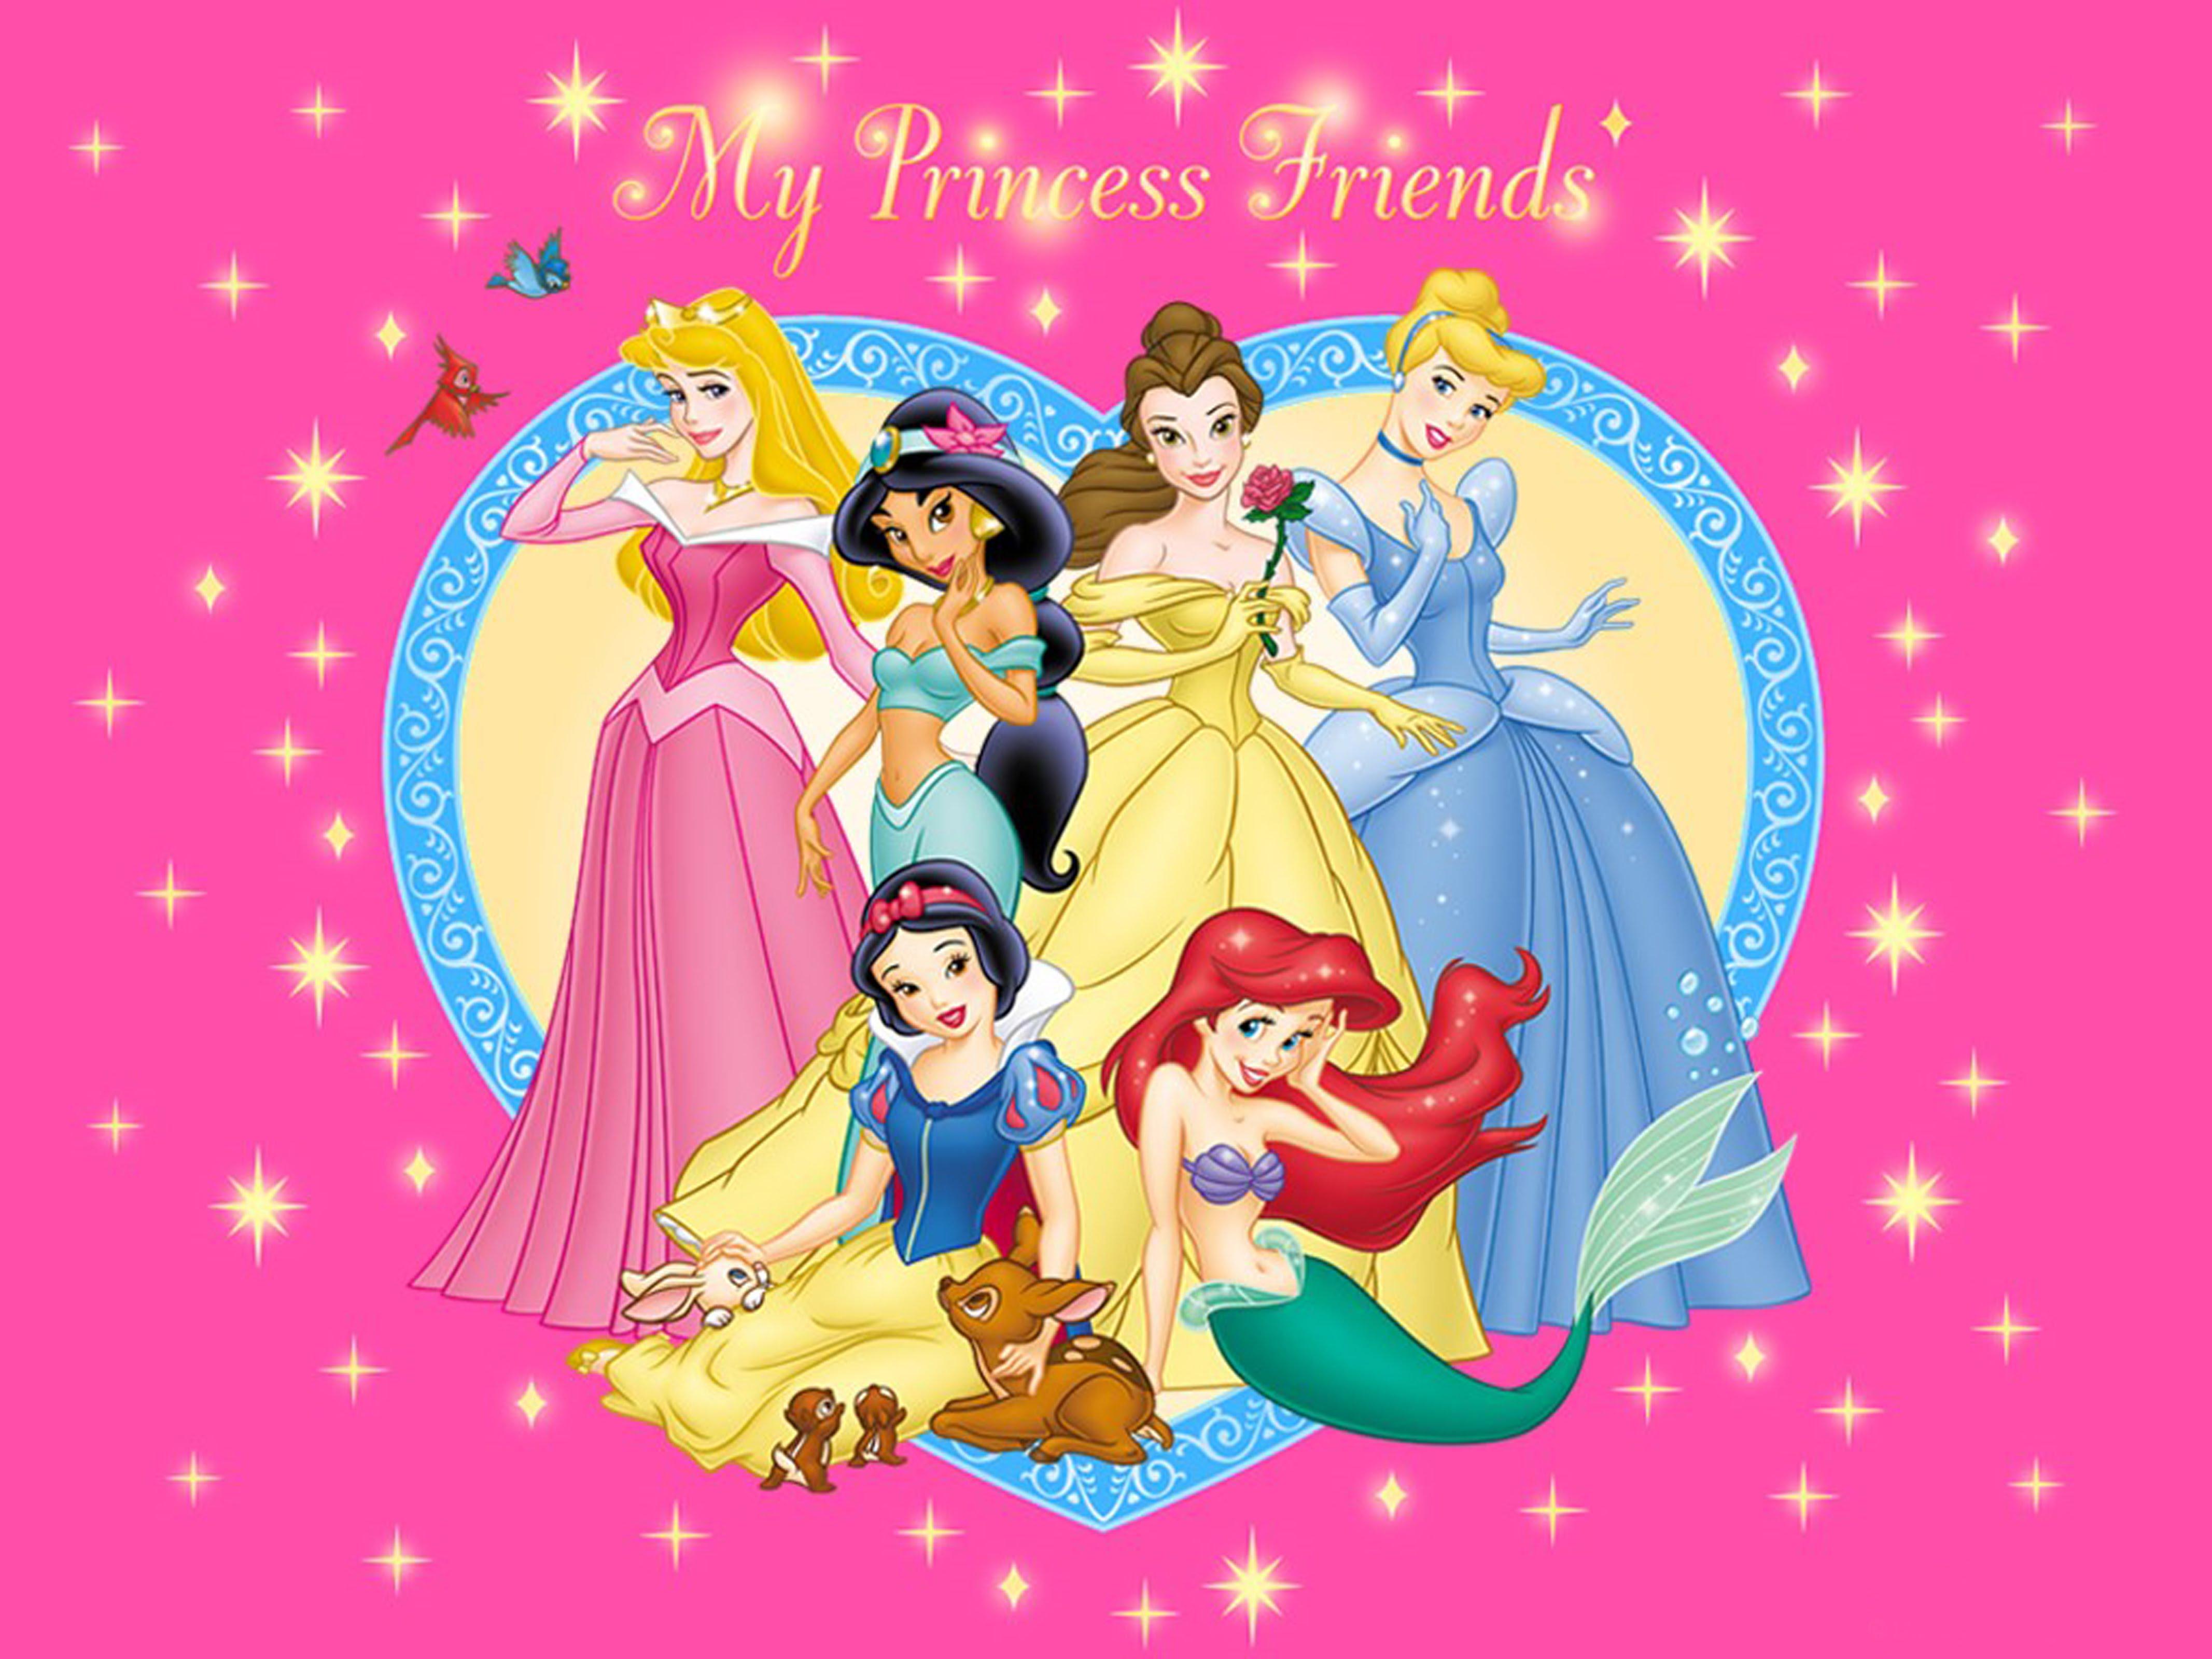 Поздравления с днем рождения девочке принцессе